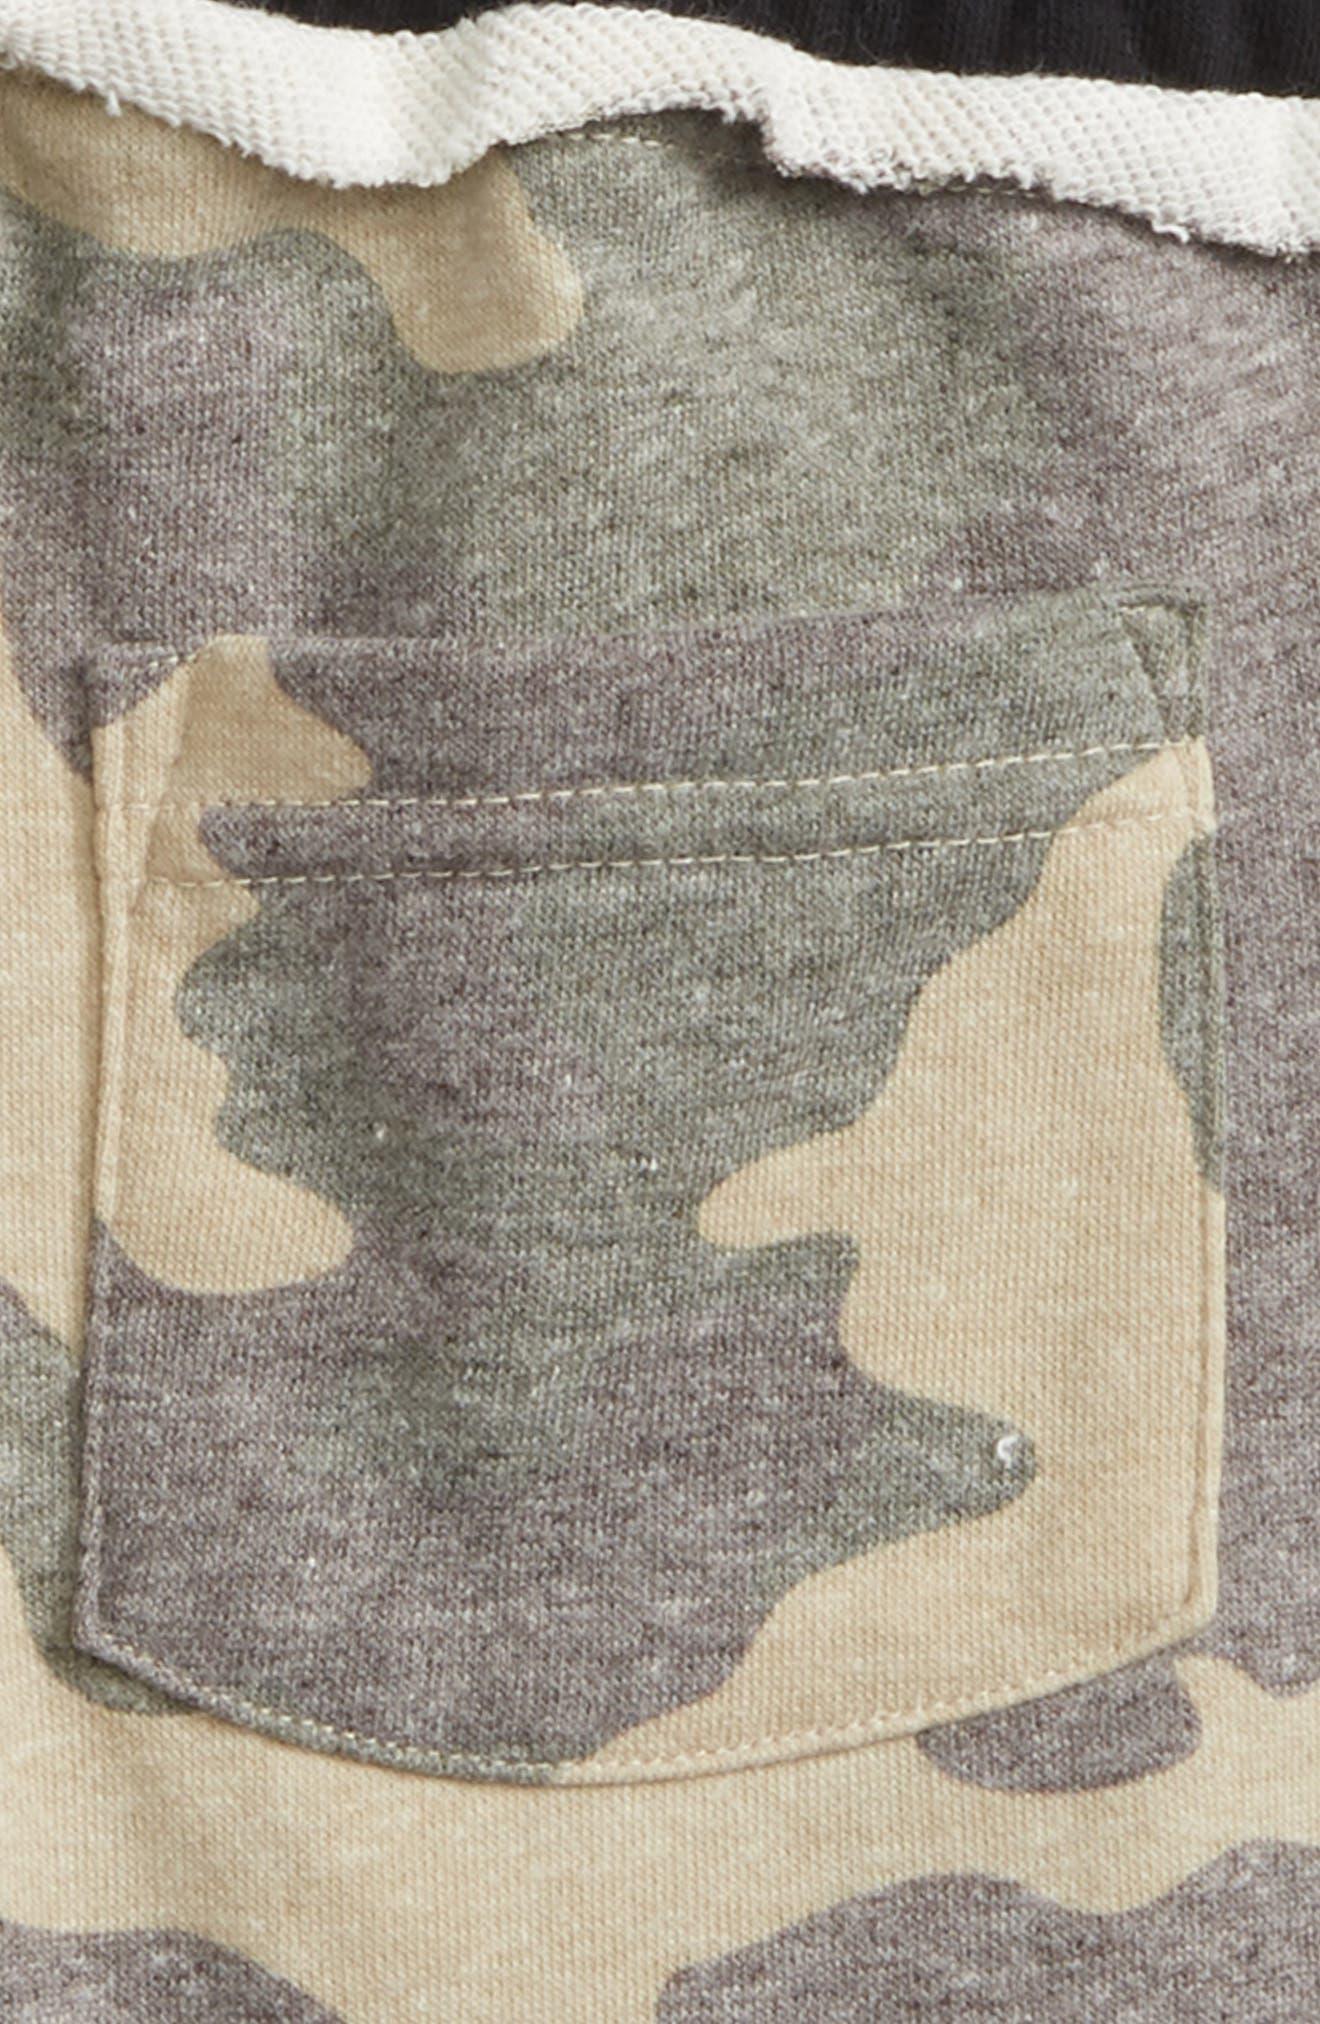 Raw Edge Shorts,                             Alternate thumbnail 3, color,                             Camo/ Black